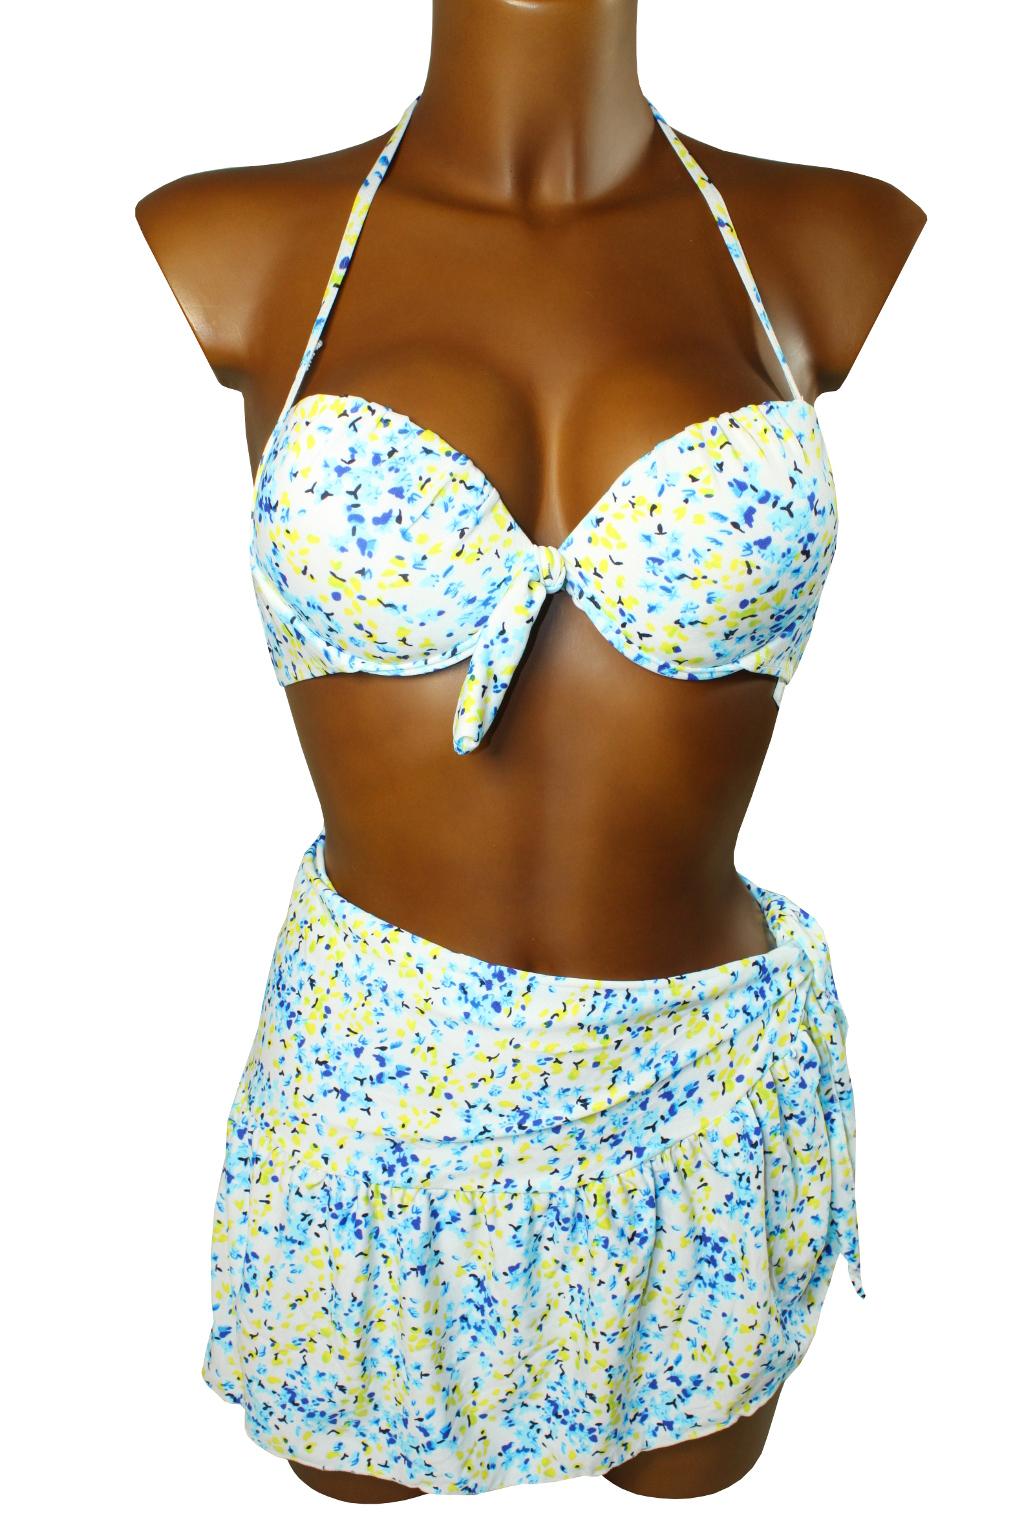 Spring plavky se sukénkou - výprodej M modrá